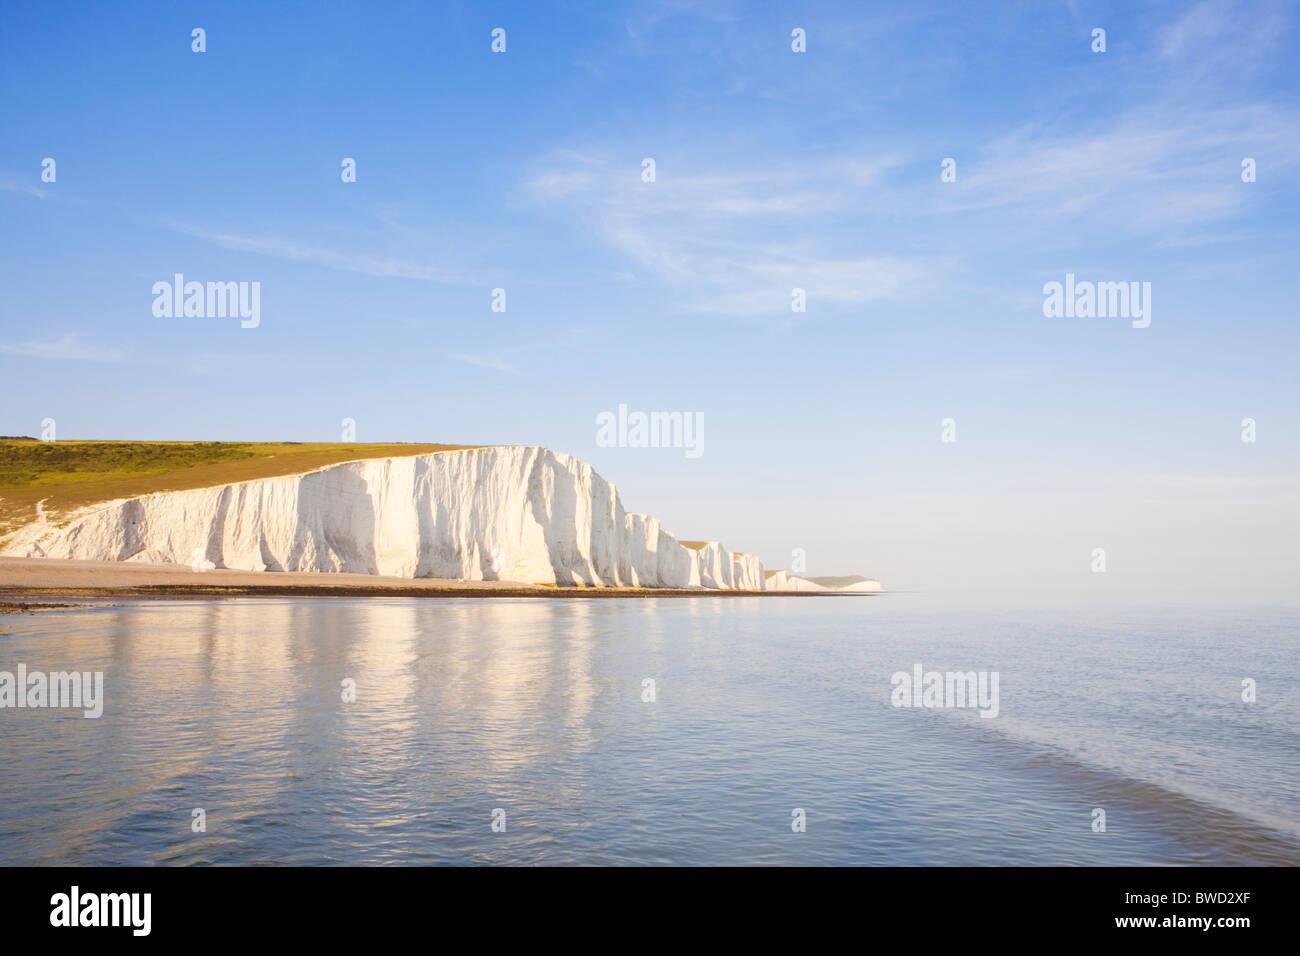 Atardecer en siete hermanas; East Sussex, Inglaterra, Gran Bretaña Imagen De Stock